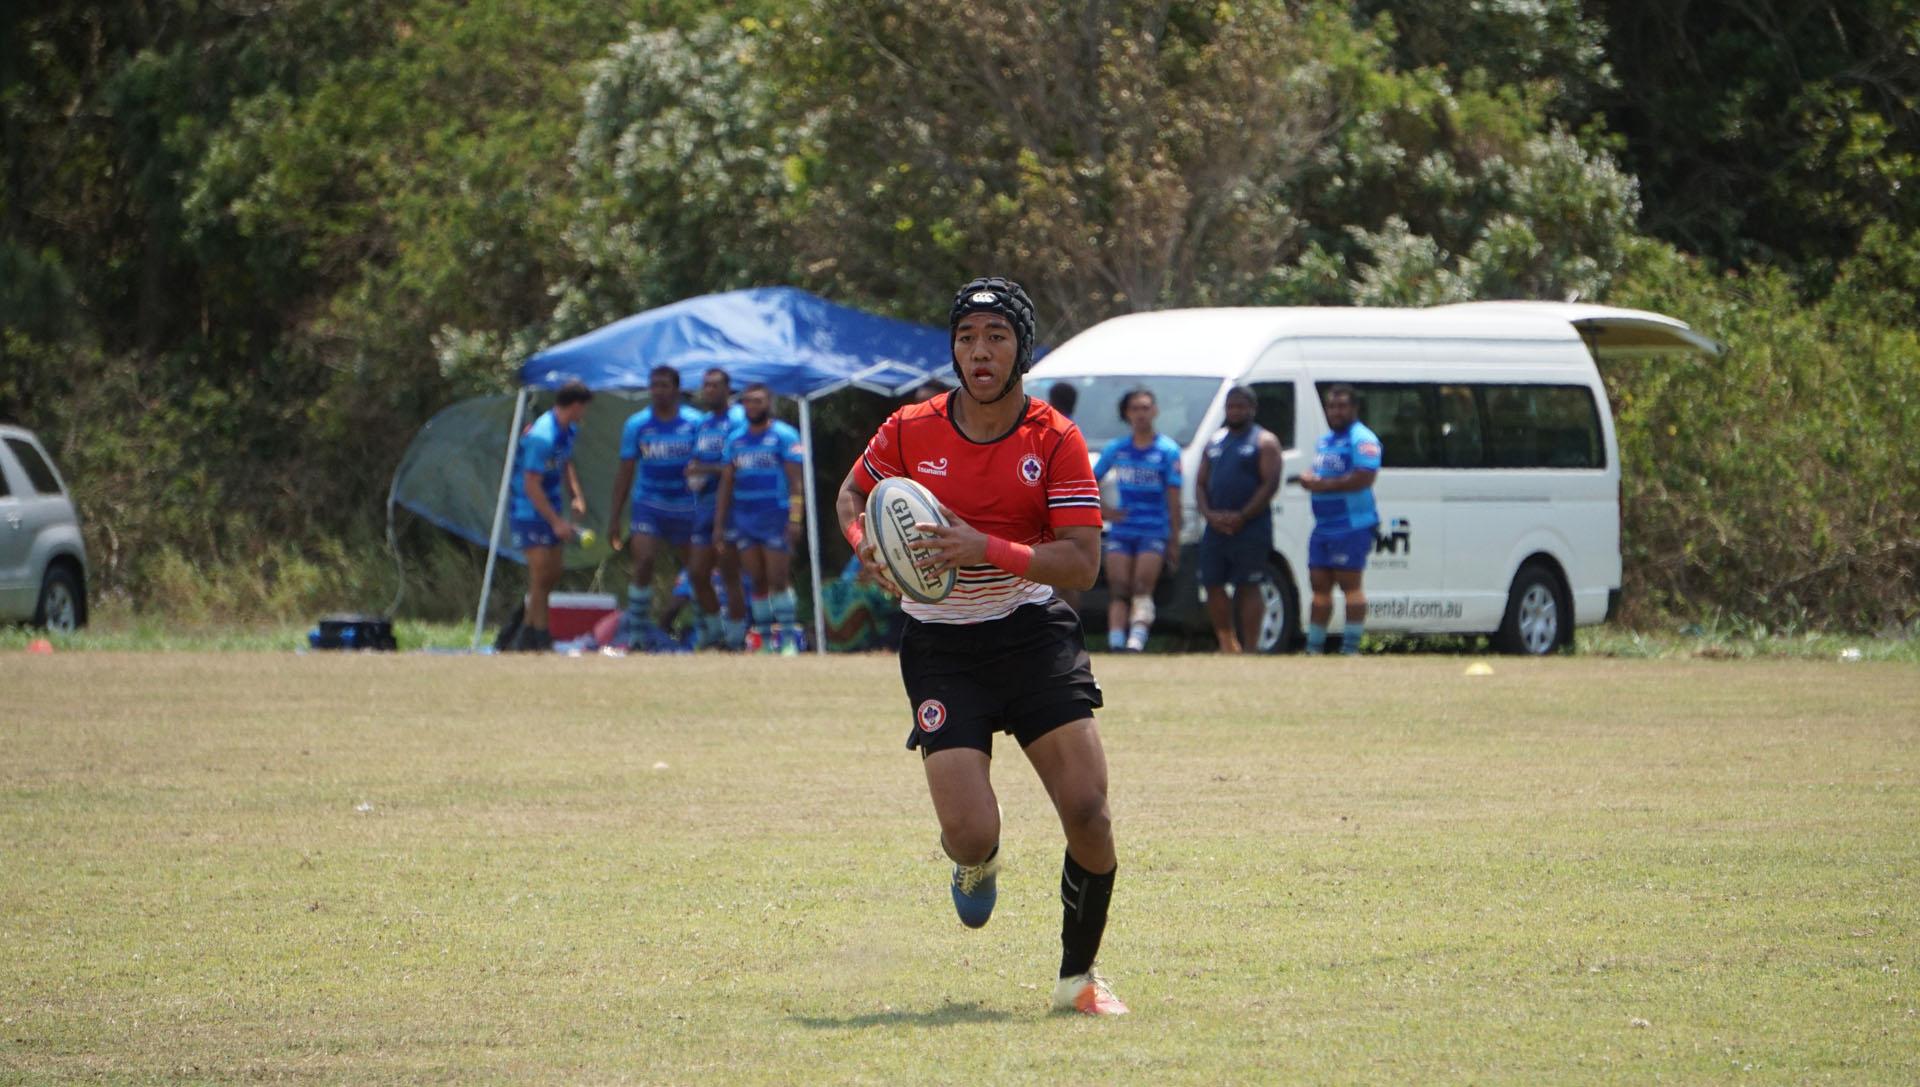 191019-20_Byron Bay Rugby 7s 2019_175